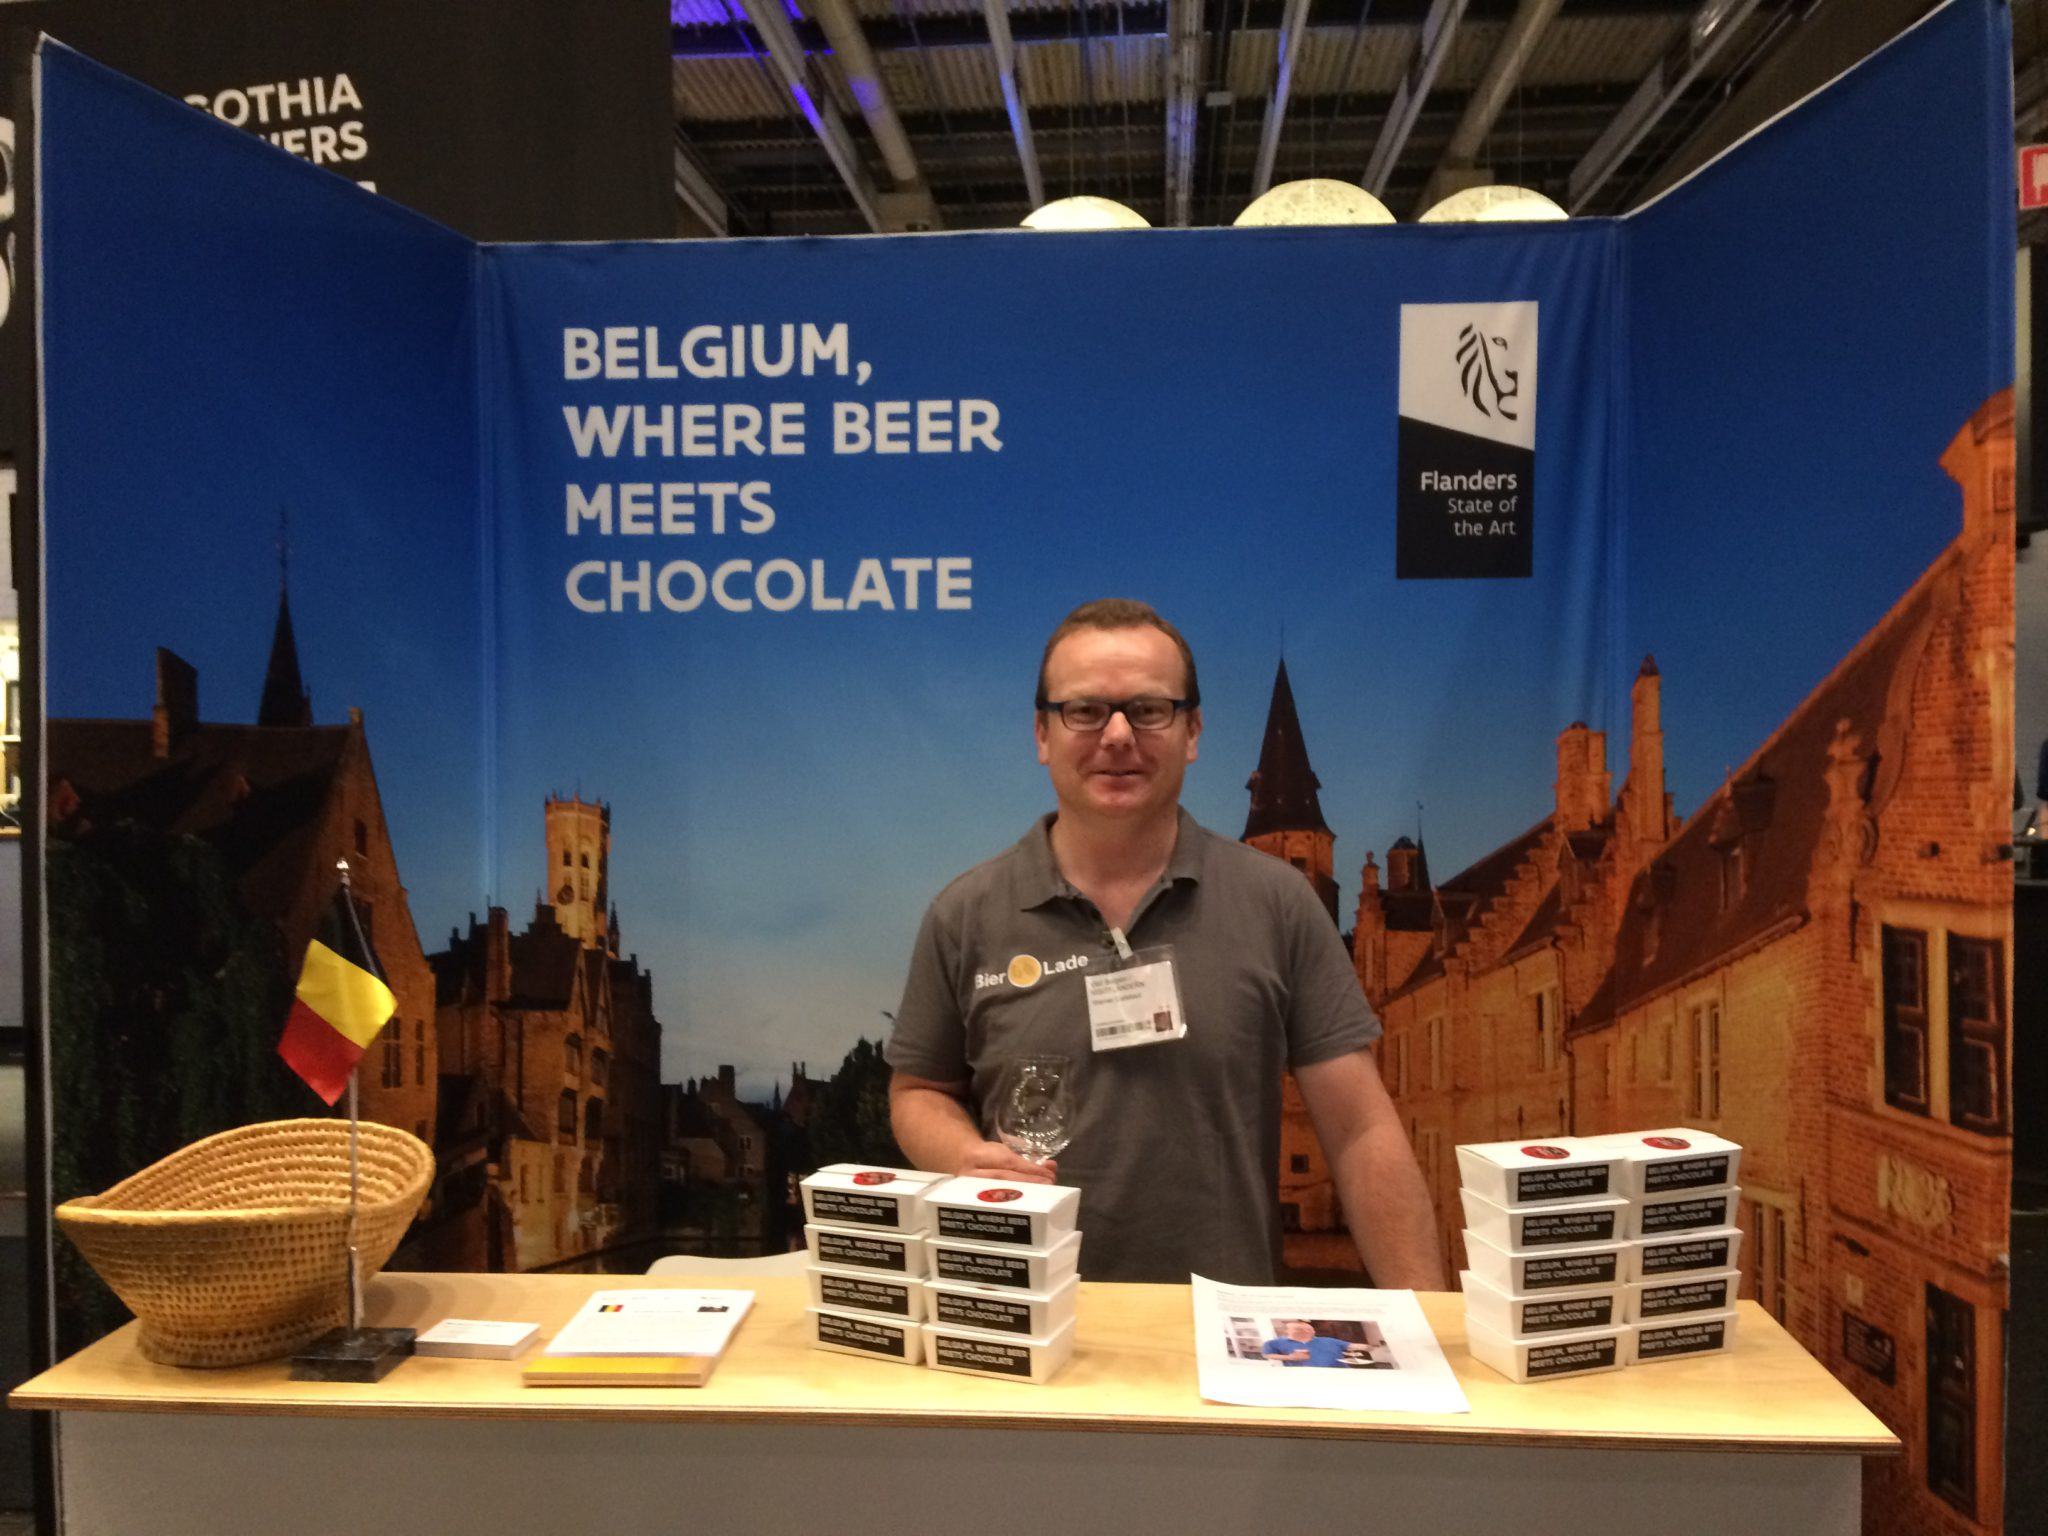 Toerisme-Vlaanderen-Bierfestival-GOT-Mar171 Toerisme Vlaanderen Bierfestival GOT Mar17